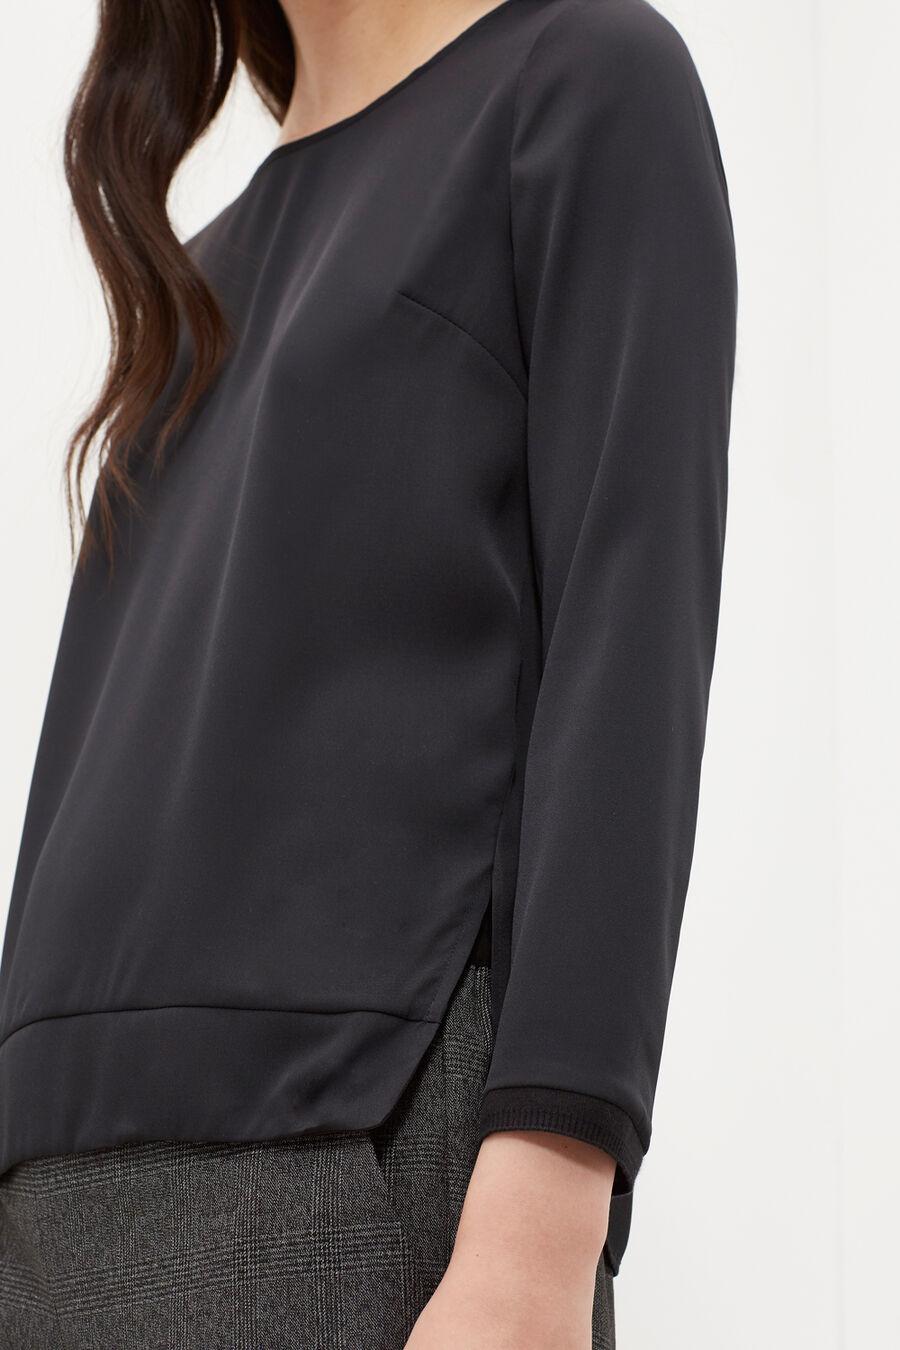 Boat-neck blouse